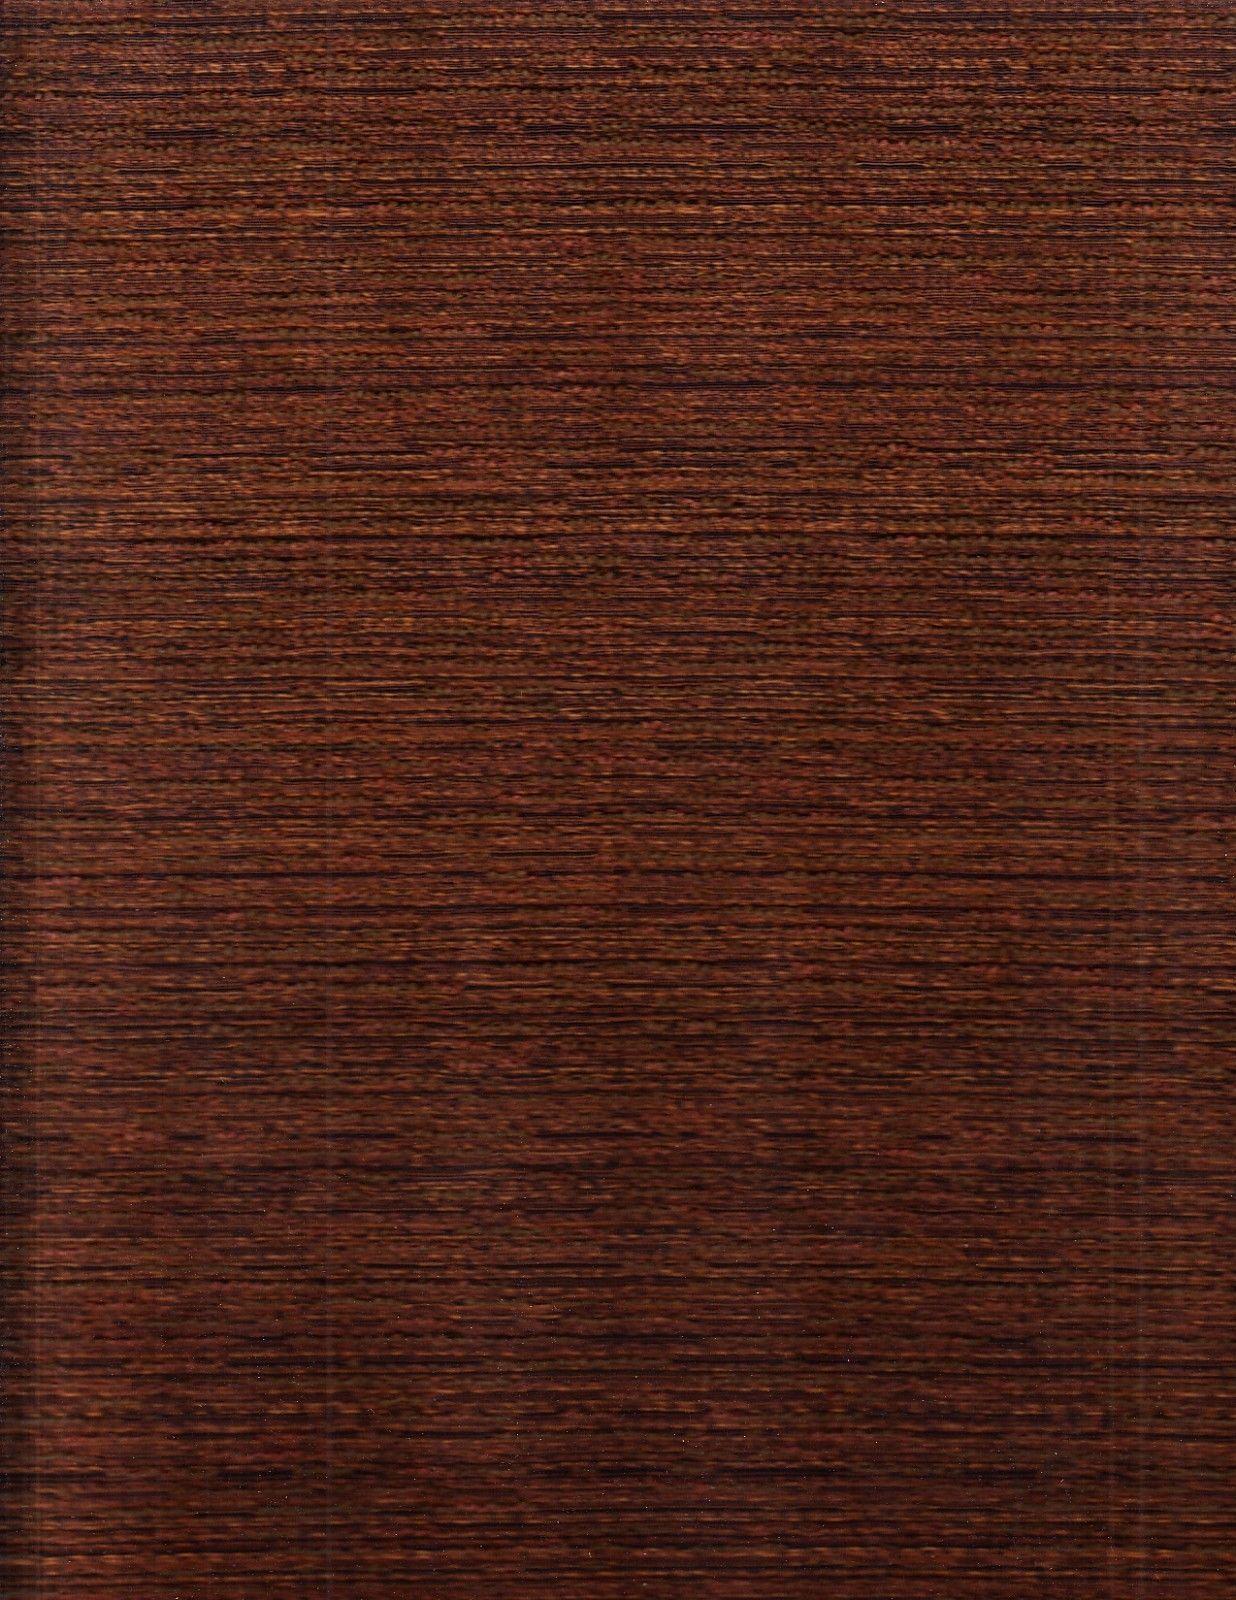 Mediados Siglo Moderna Tela Tapicería Anuncio Hombre Tweed Castaño Marrón 8.2m